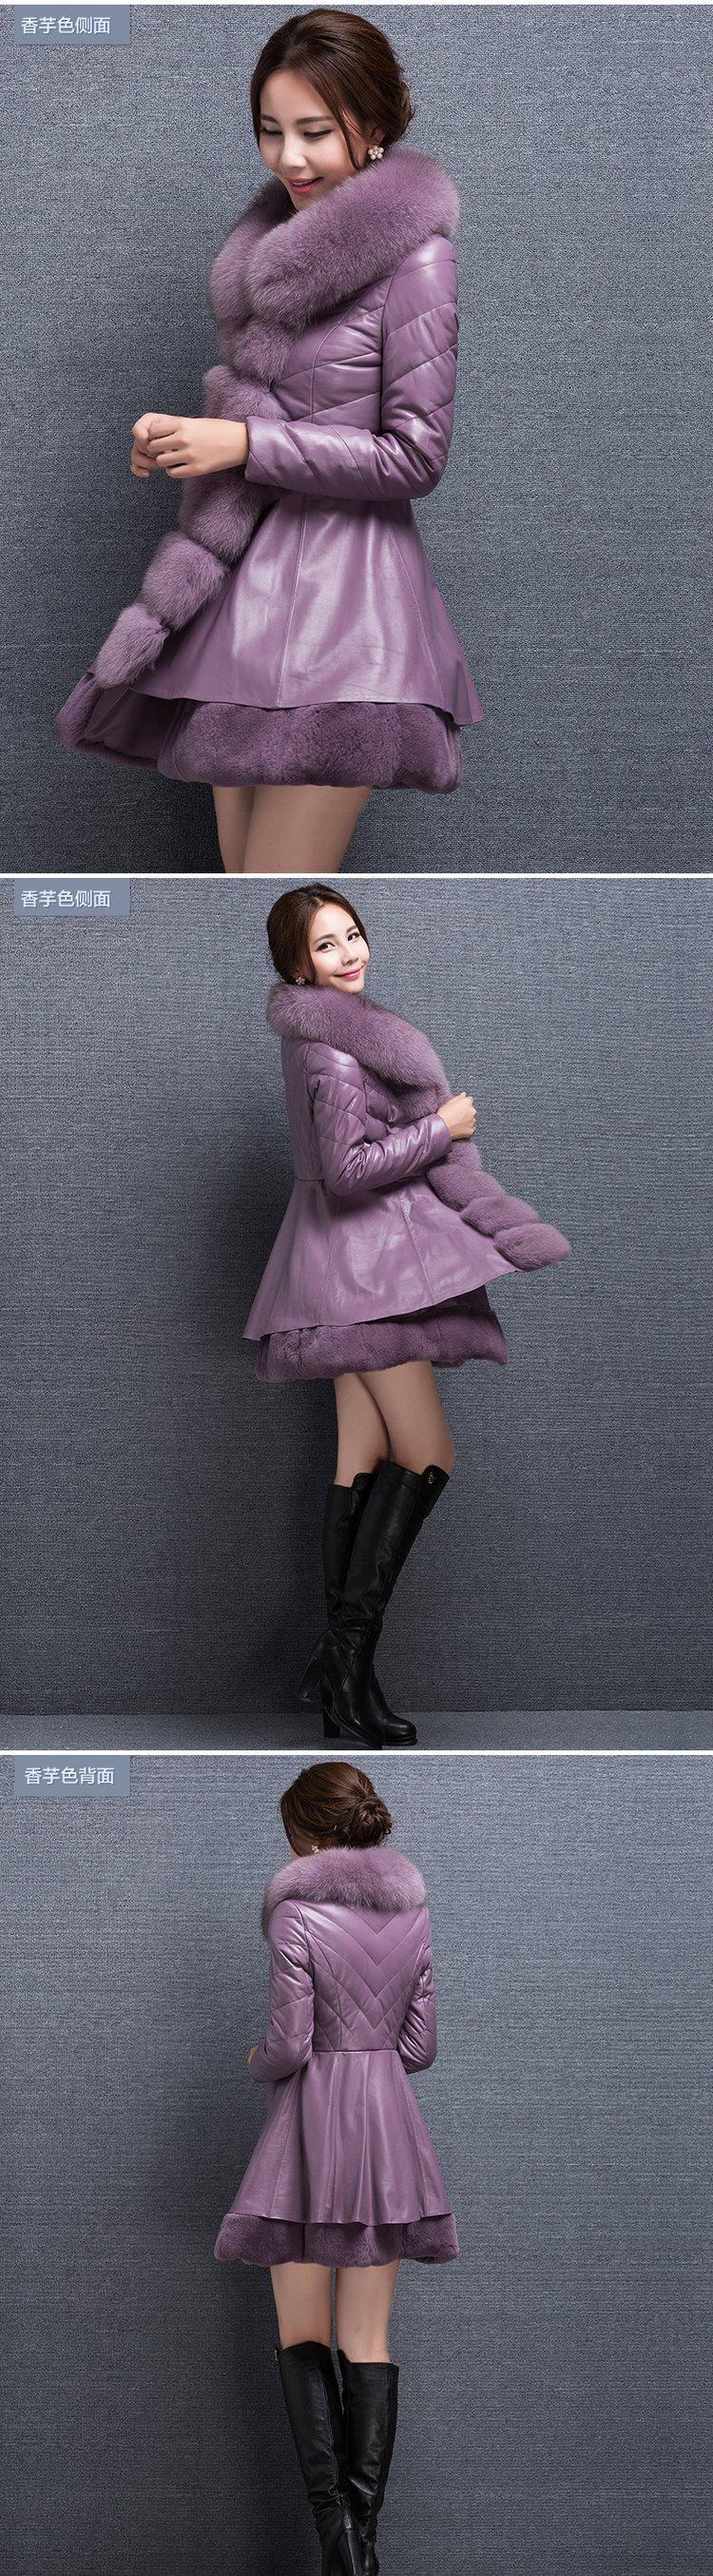 女人过了三四十岁, 就别再穿大衣, 学学李小璐这样穿, 洋气又减龄 3